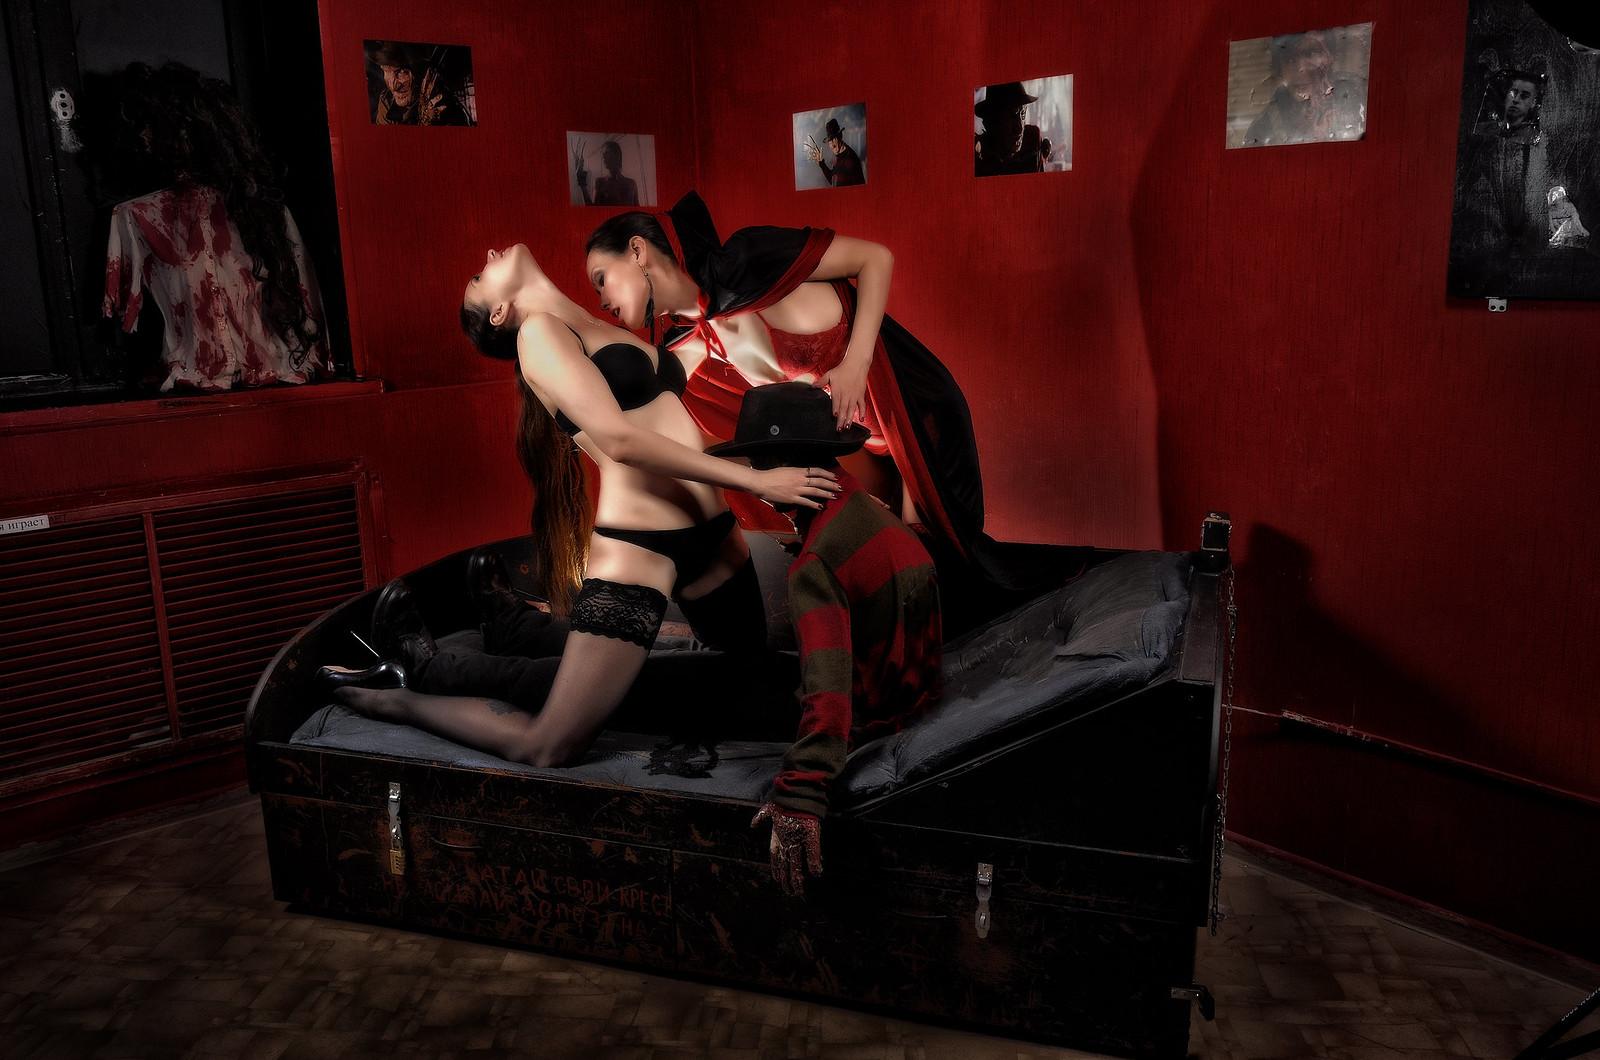 эротический фотограф Челябинск